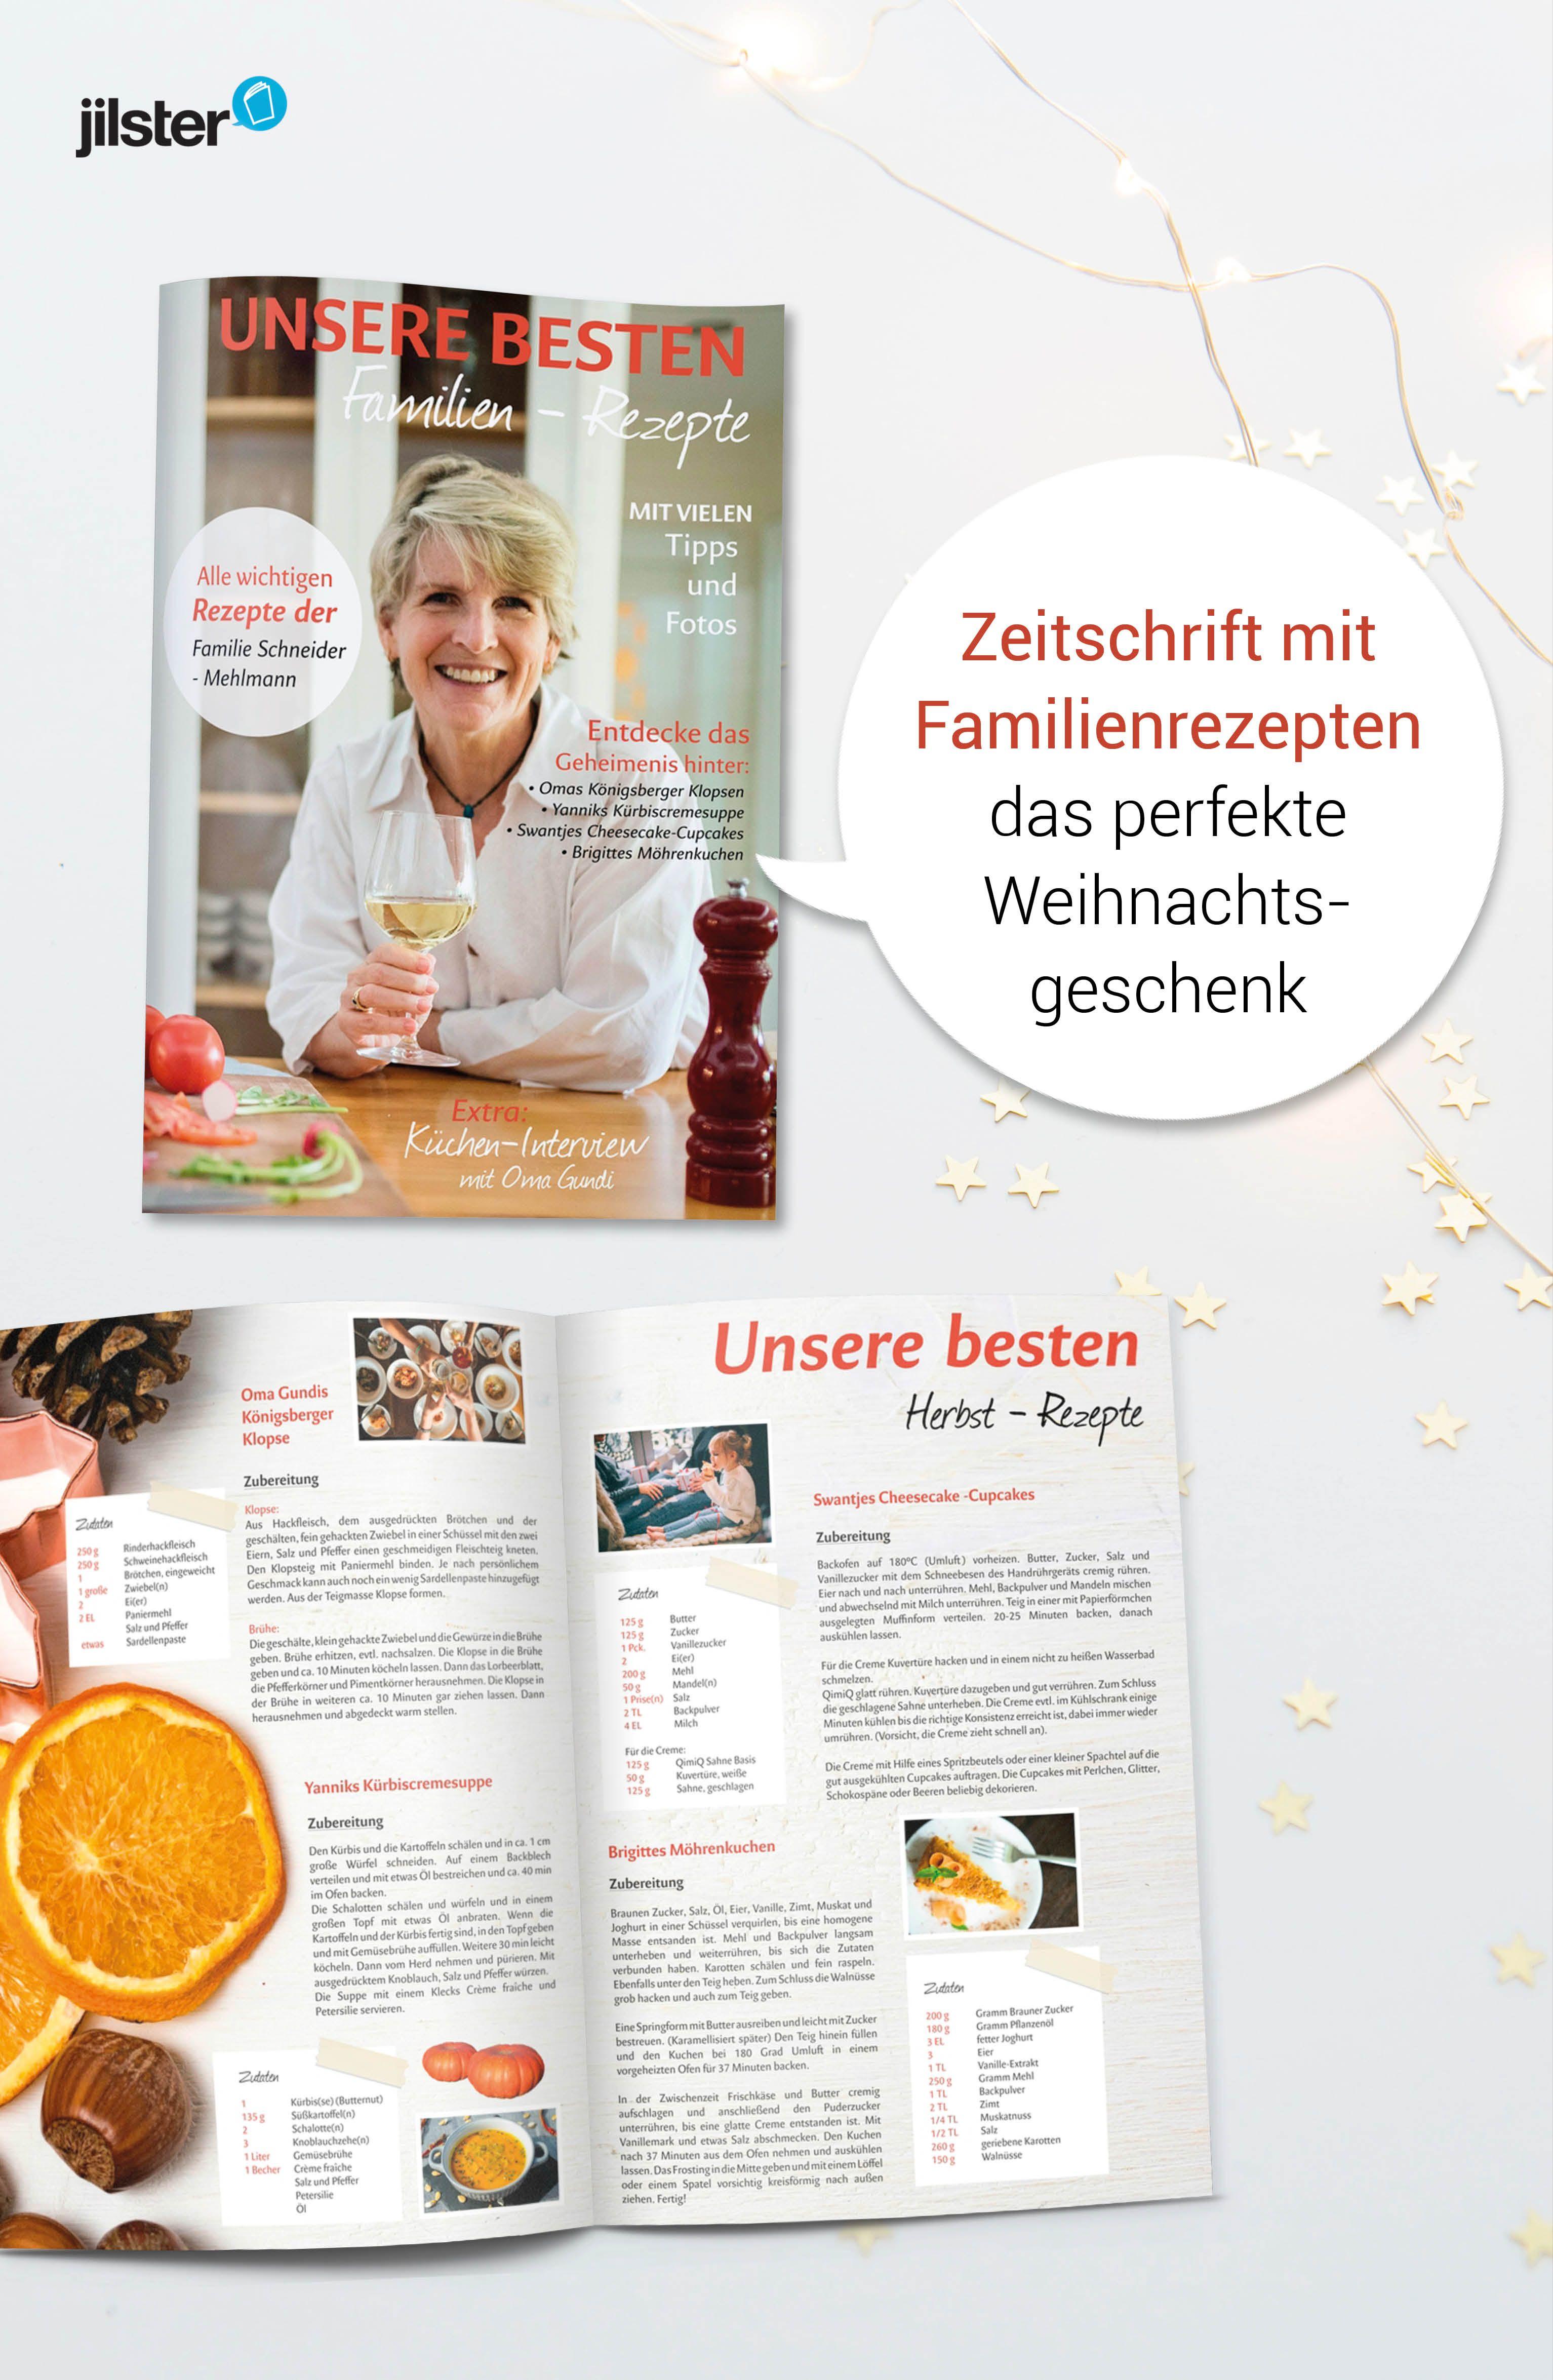 Weihnachtsgeschenk | Zeitschrift gestalten | Vorlagen, Tipps & Ideen ...